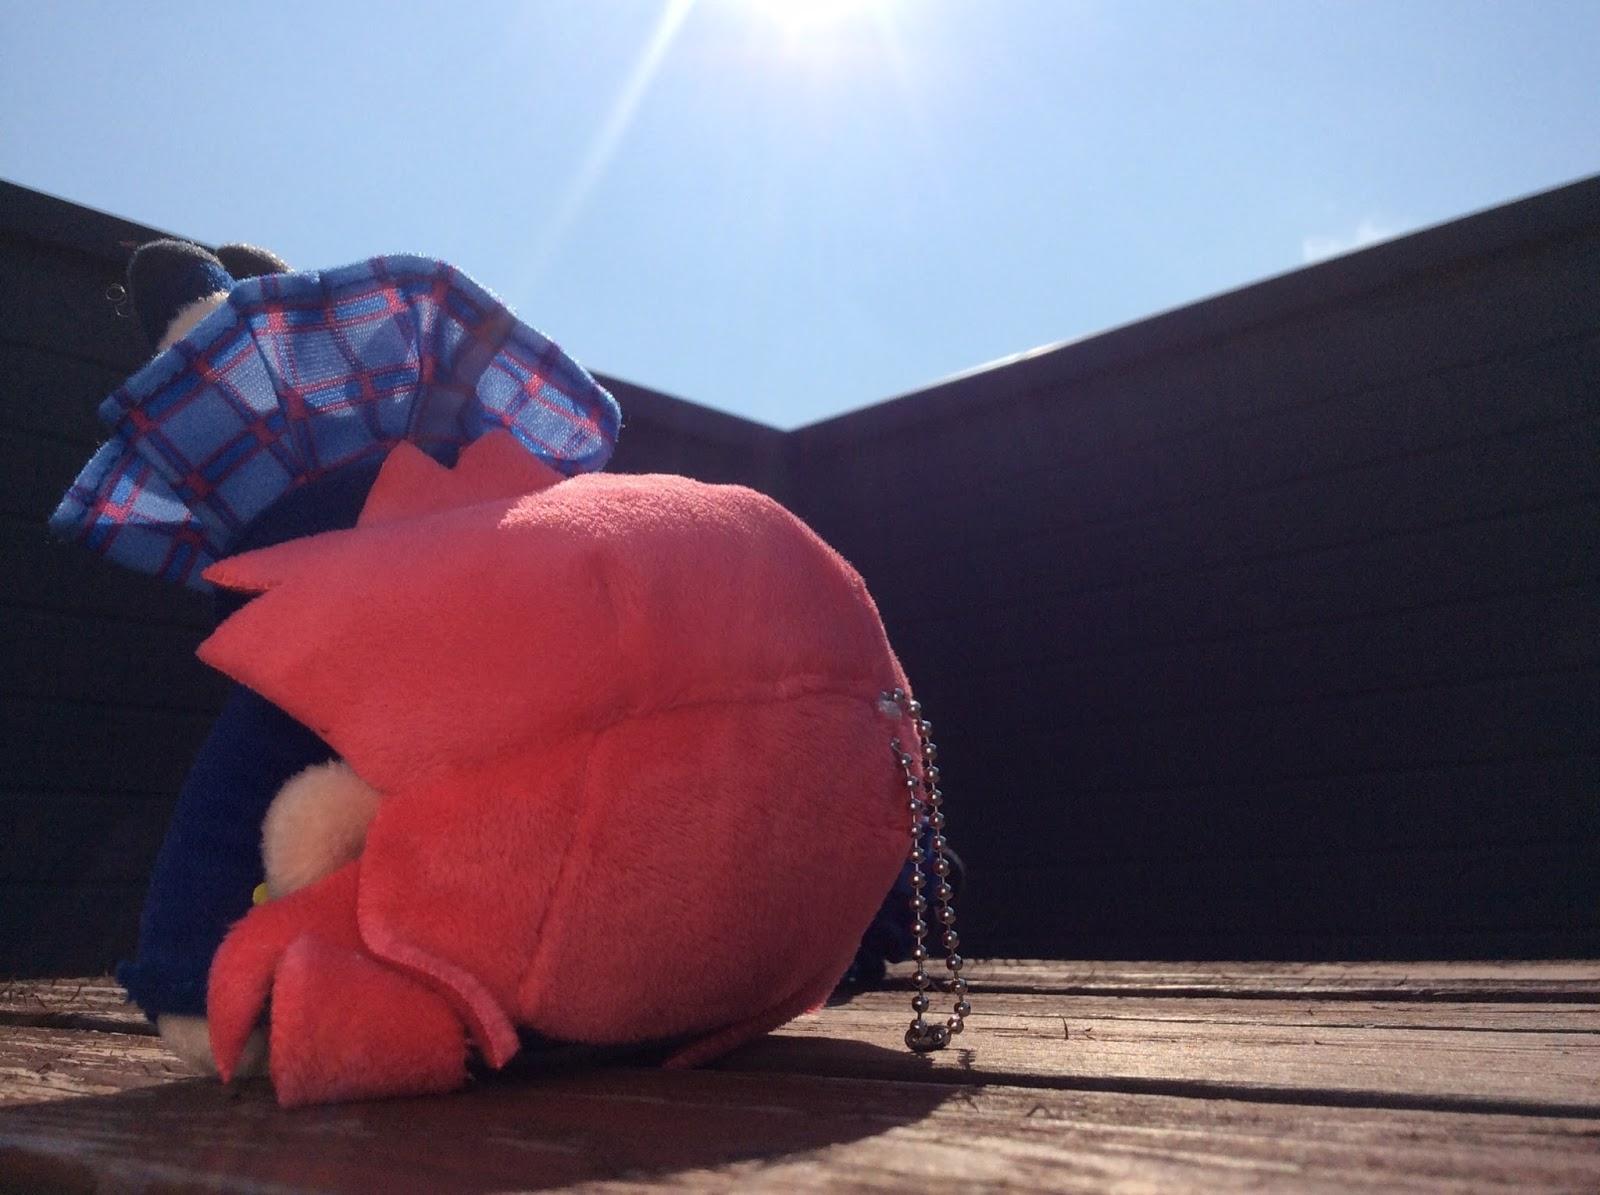 【プライズレビュー】ラブライブ! 寝そべりぬいぐるみ1年生 西木野真姫【セガプライズ】